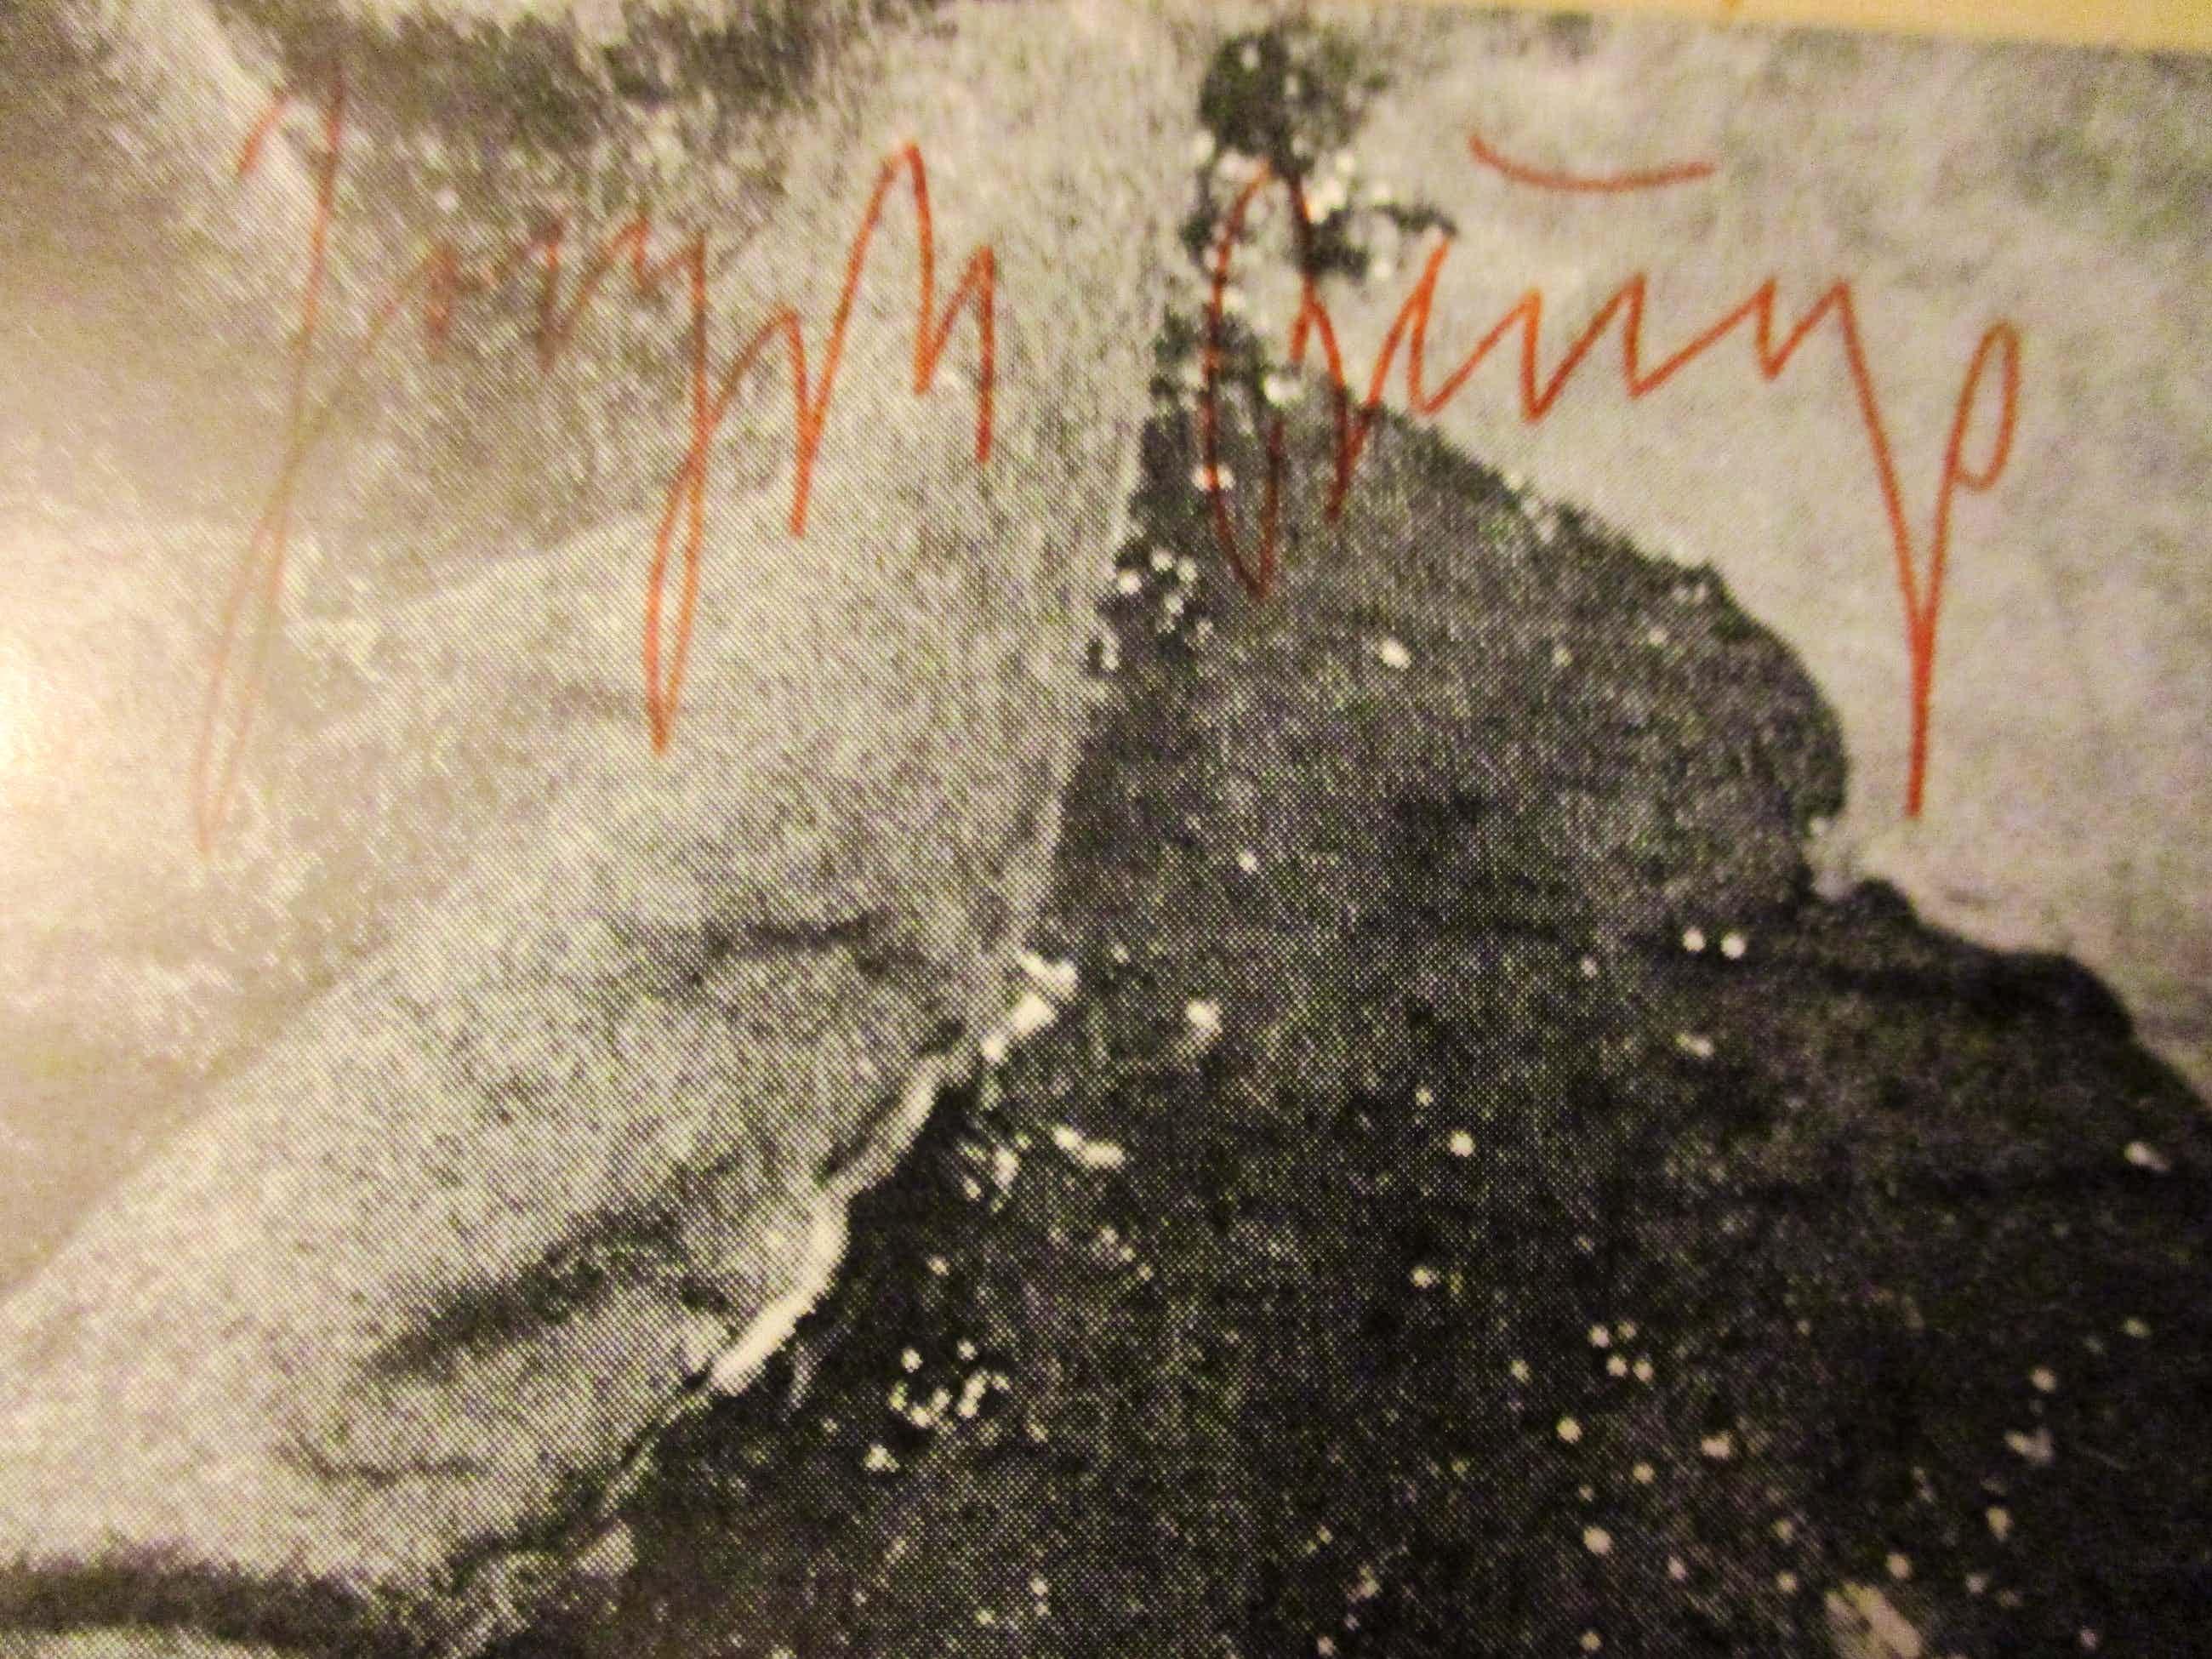 Joseph Beuys - Joseph Beuys KPK Handsigniert Fat Shine on Iron 1977 kopen? Bied vanaf 120!